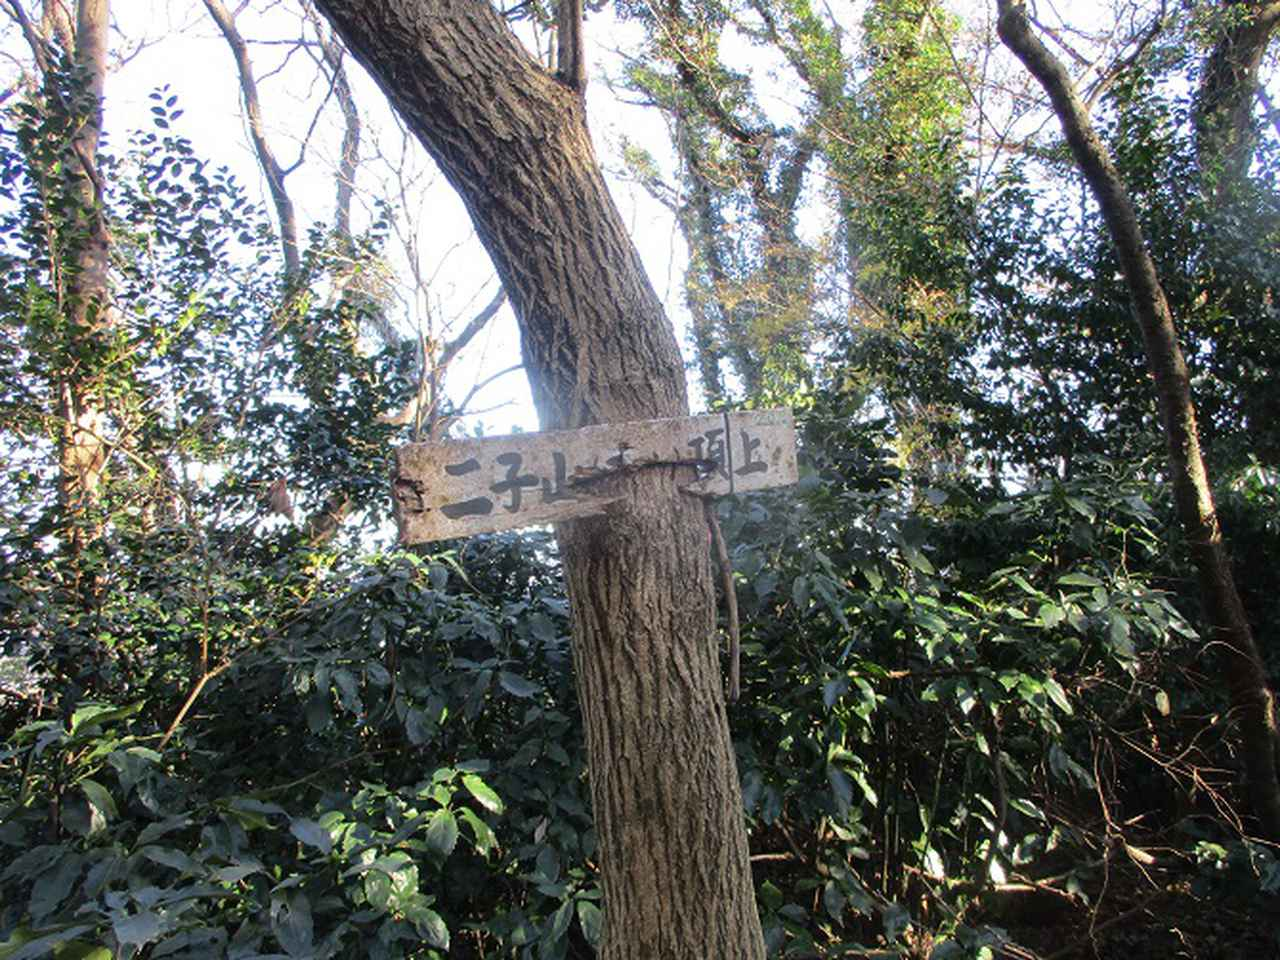 画像9: 1月の山旅会現地集合ツアー 「阿部倉山から二子山」 ツアーの下見に行ってきました!